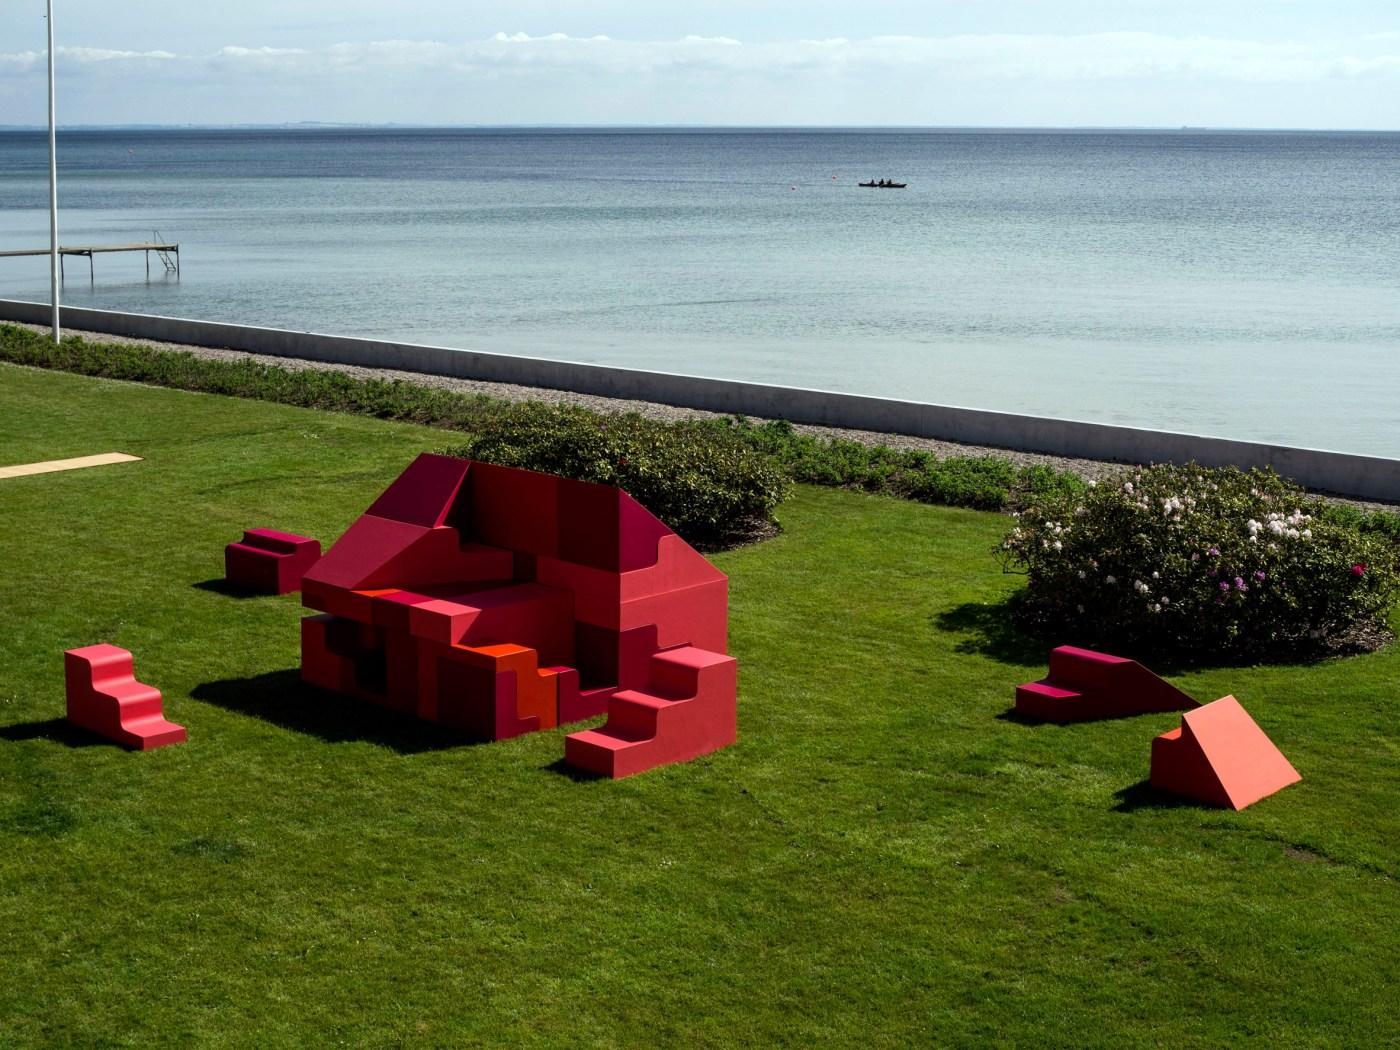 Instalación Casa Puzzle DIY en Copenhage, Dinamarca, por BIG